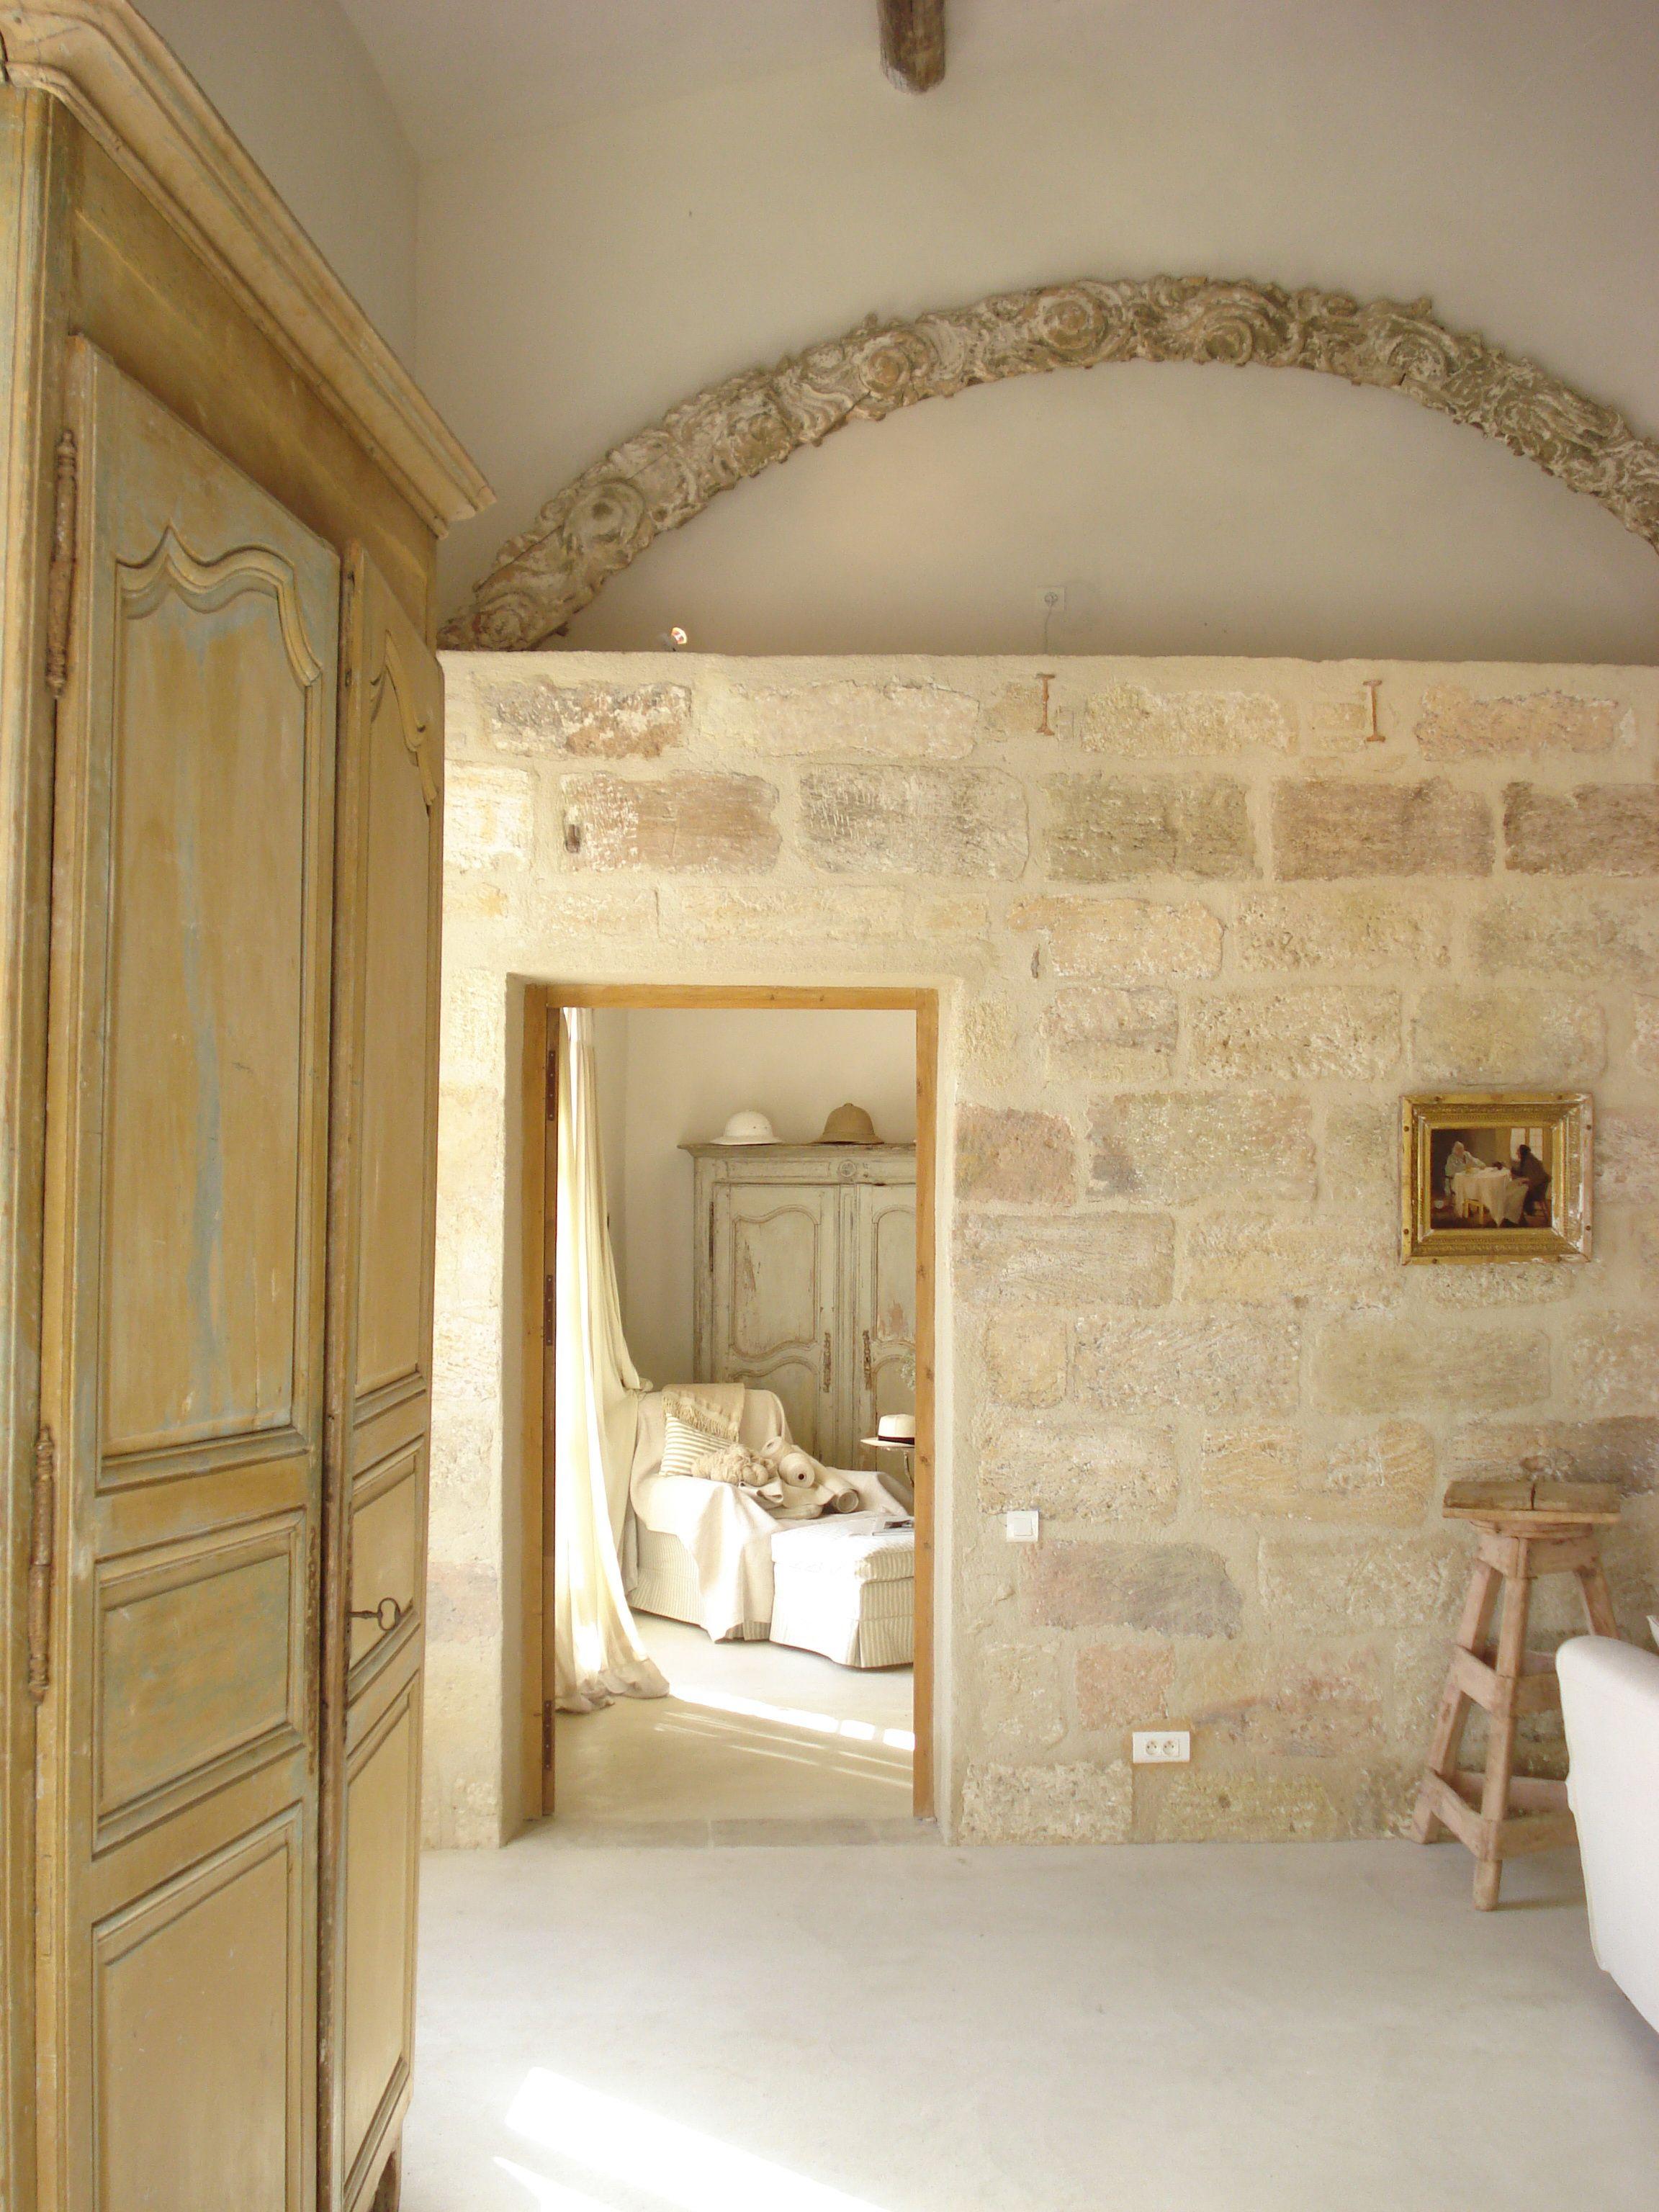 Living room | LA BASTIDE, FRANCE | Pinterest | French antiques ...